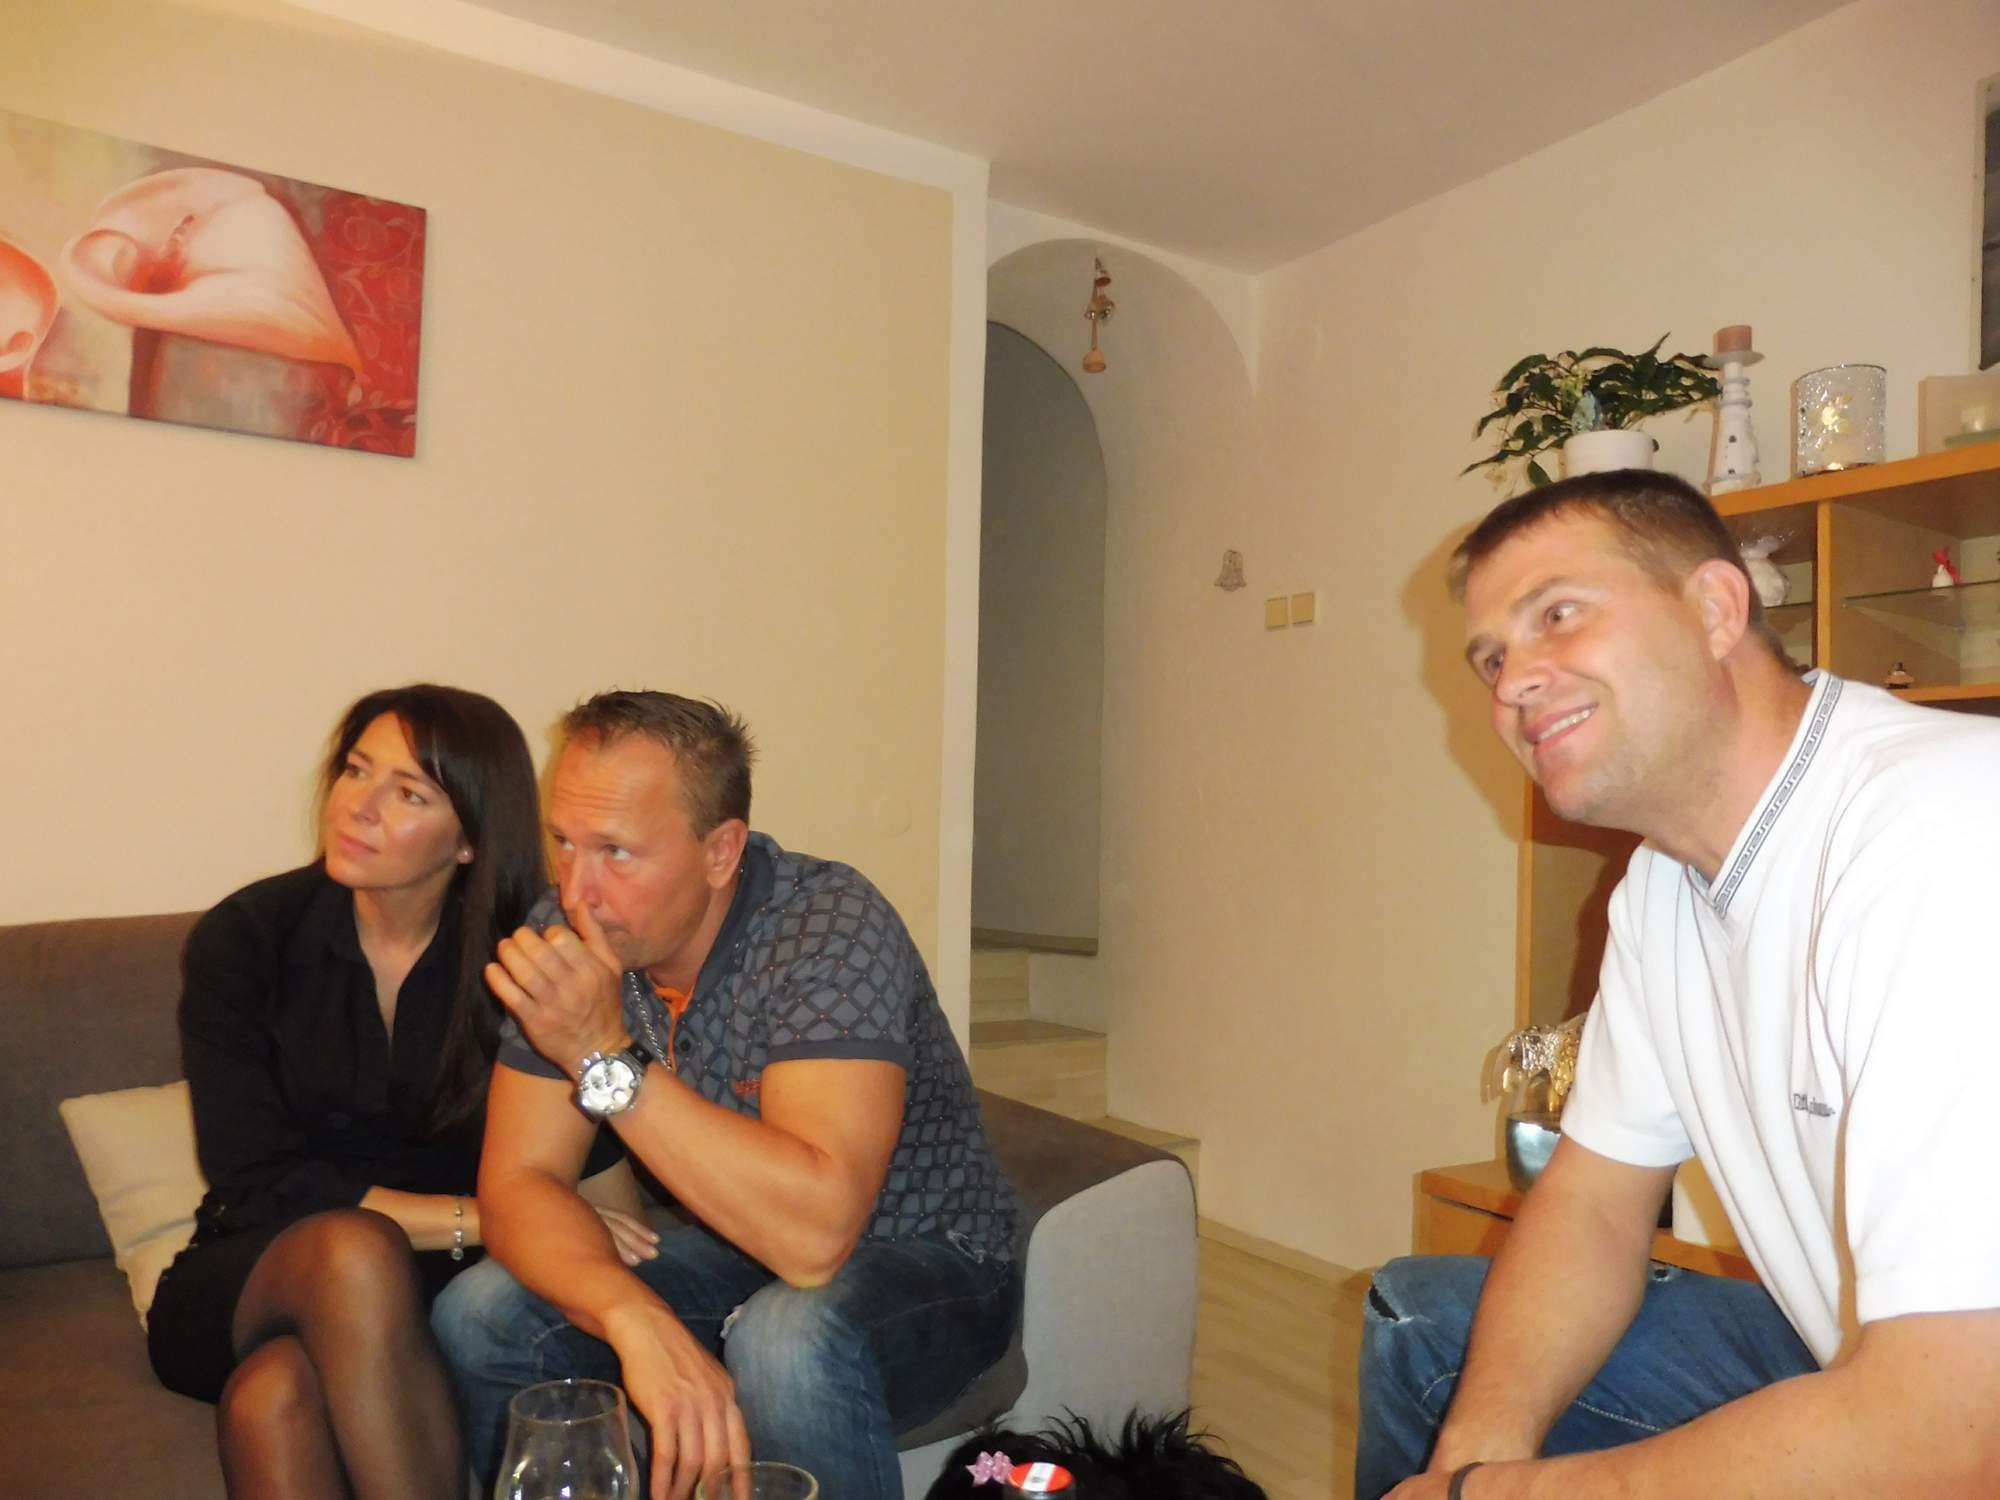 http://img25.rajce.idnes.cz/d2501/14/14634/14634235_b00598d2425854f4d08a31e2093f7272/images/Jana_43_let_,s_prateli_096.jpg